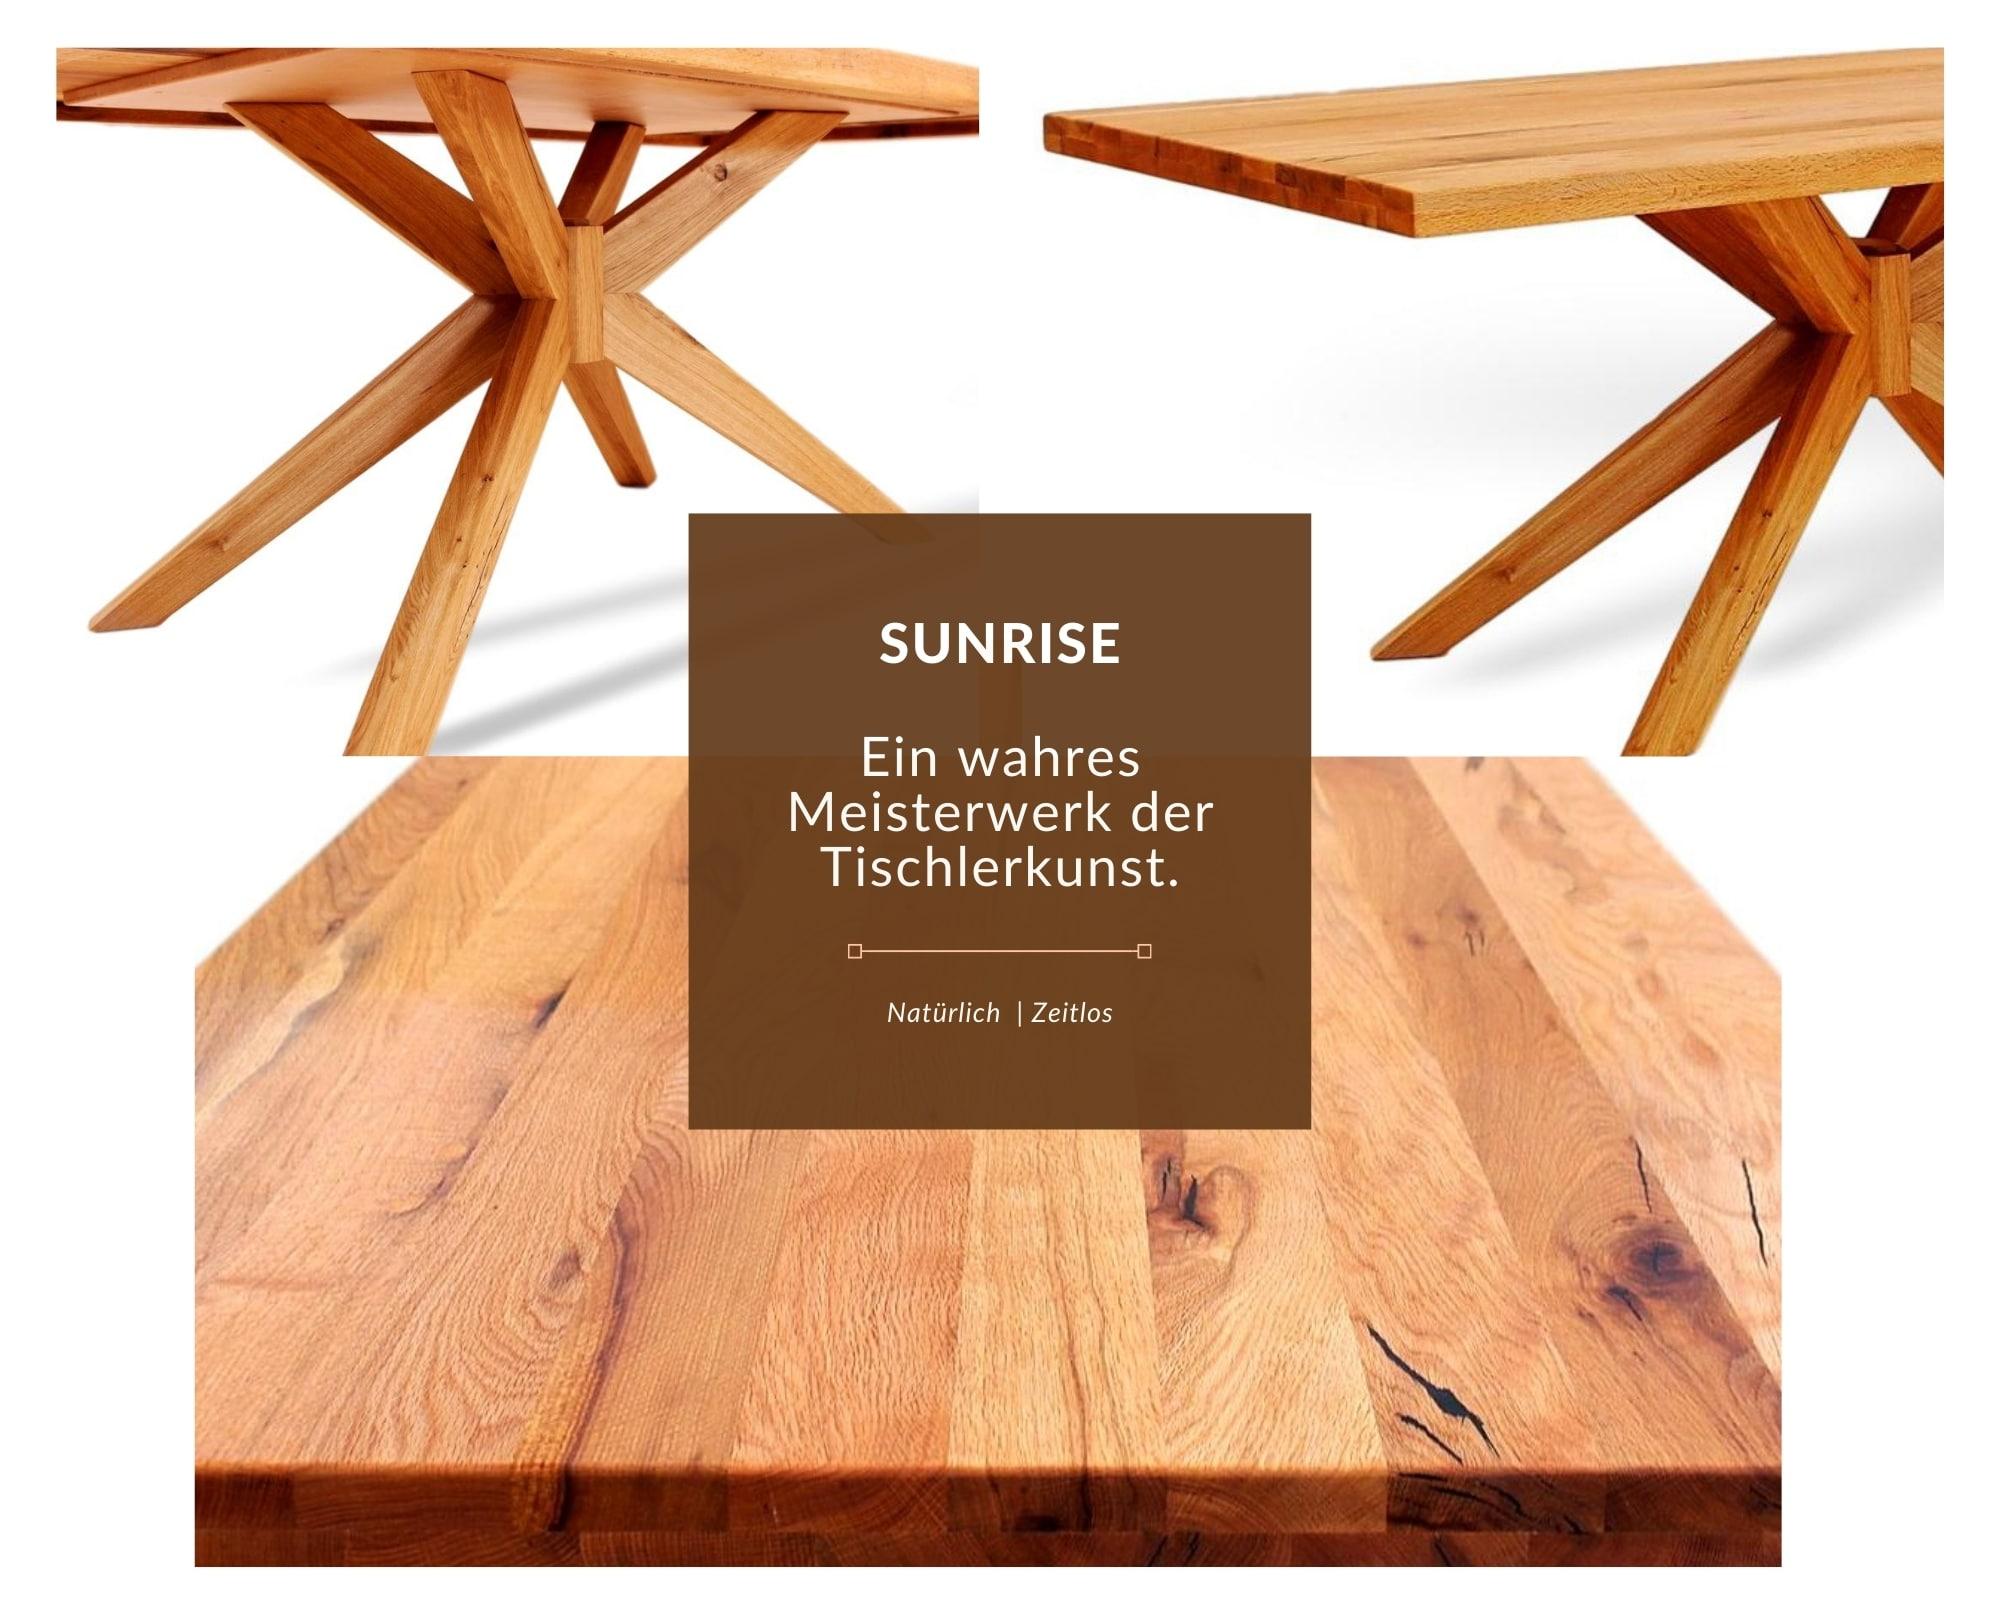 esstisch aus massivholz sunrise besonderes tischgestell aus massivholz